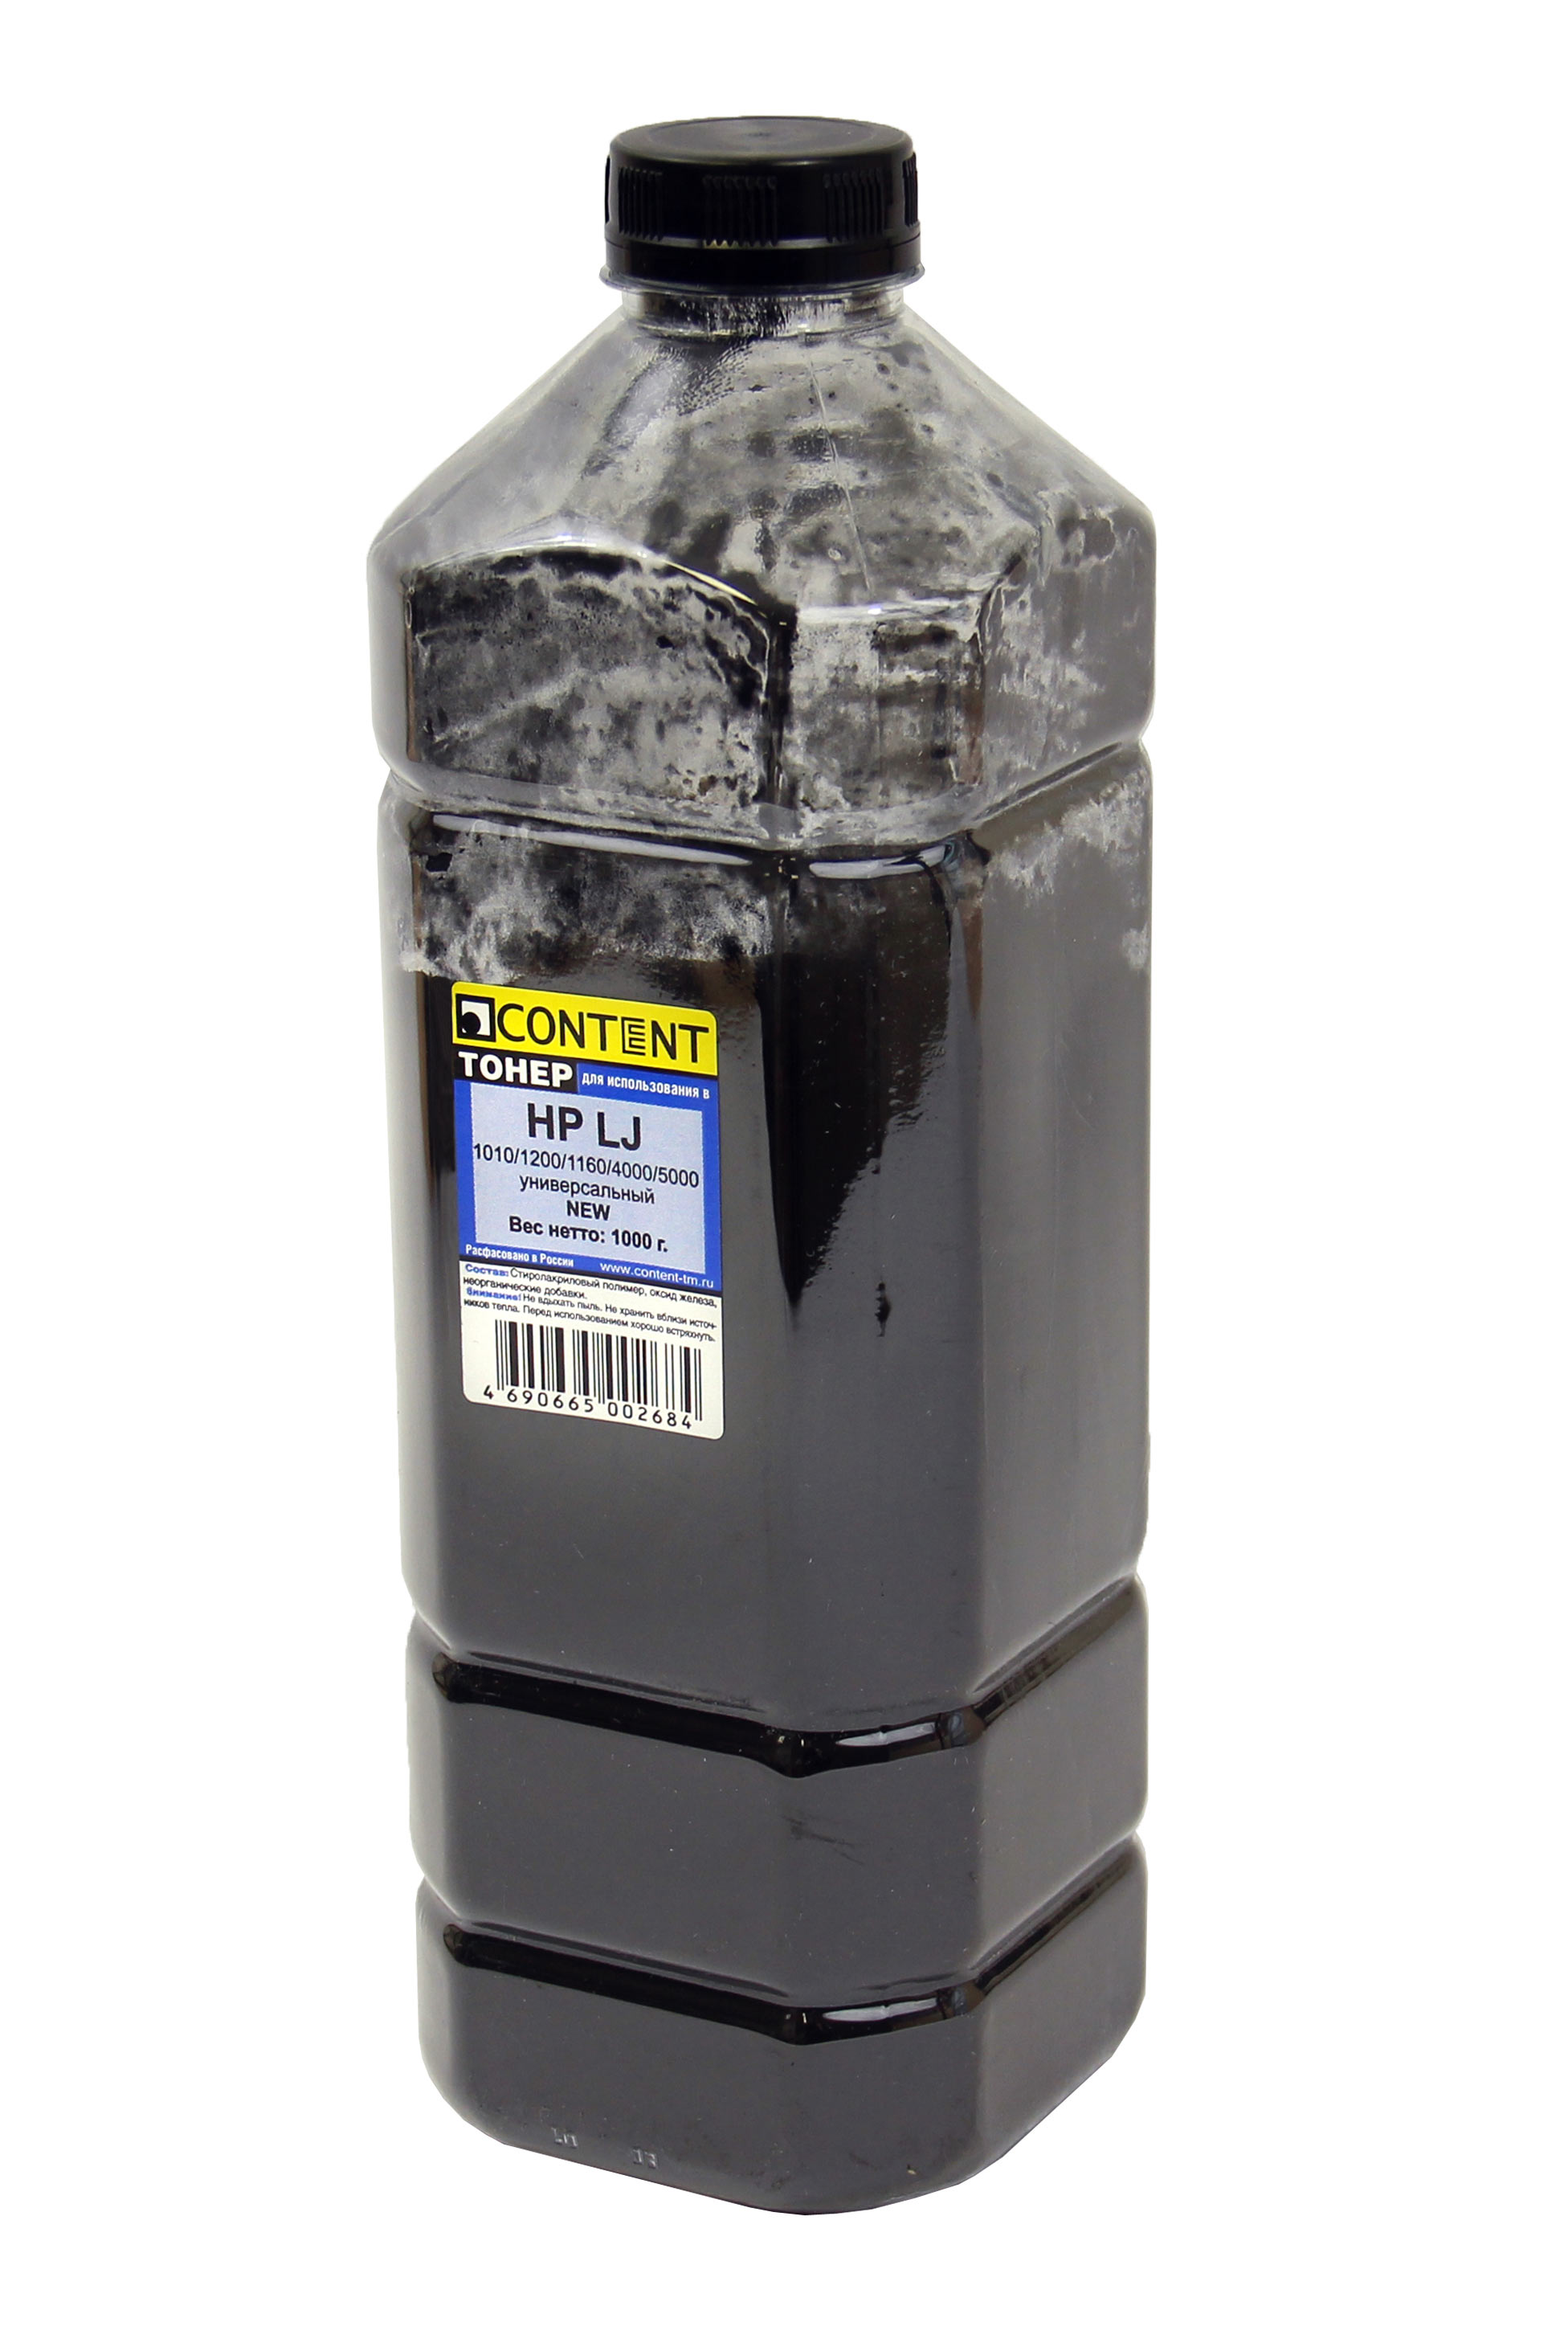 Тонер Content Универсальный для HP LJ 1010/1200/1160/4000/5000, Bk, 1 кг, канистра